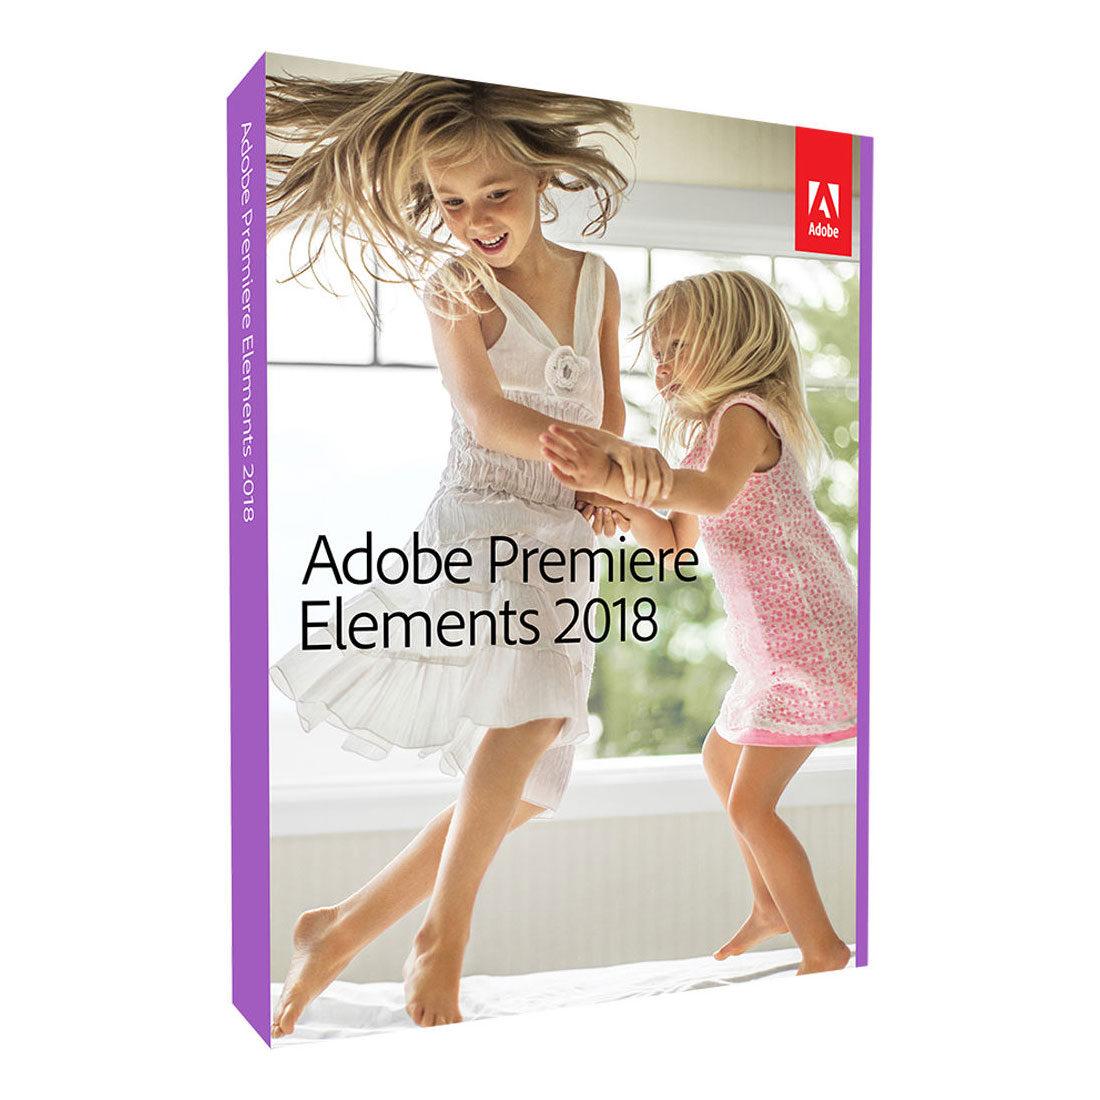 Afbeelding van Adobe Premiere Elements 2018 UK Mac/Windows